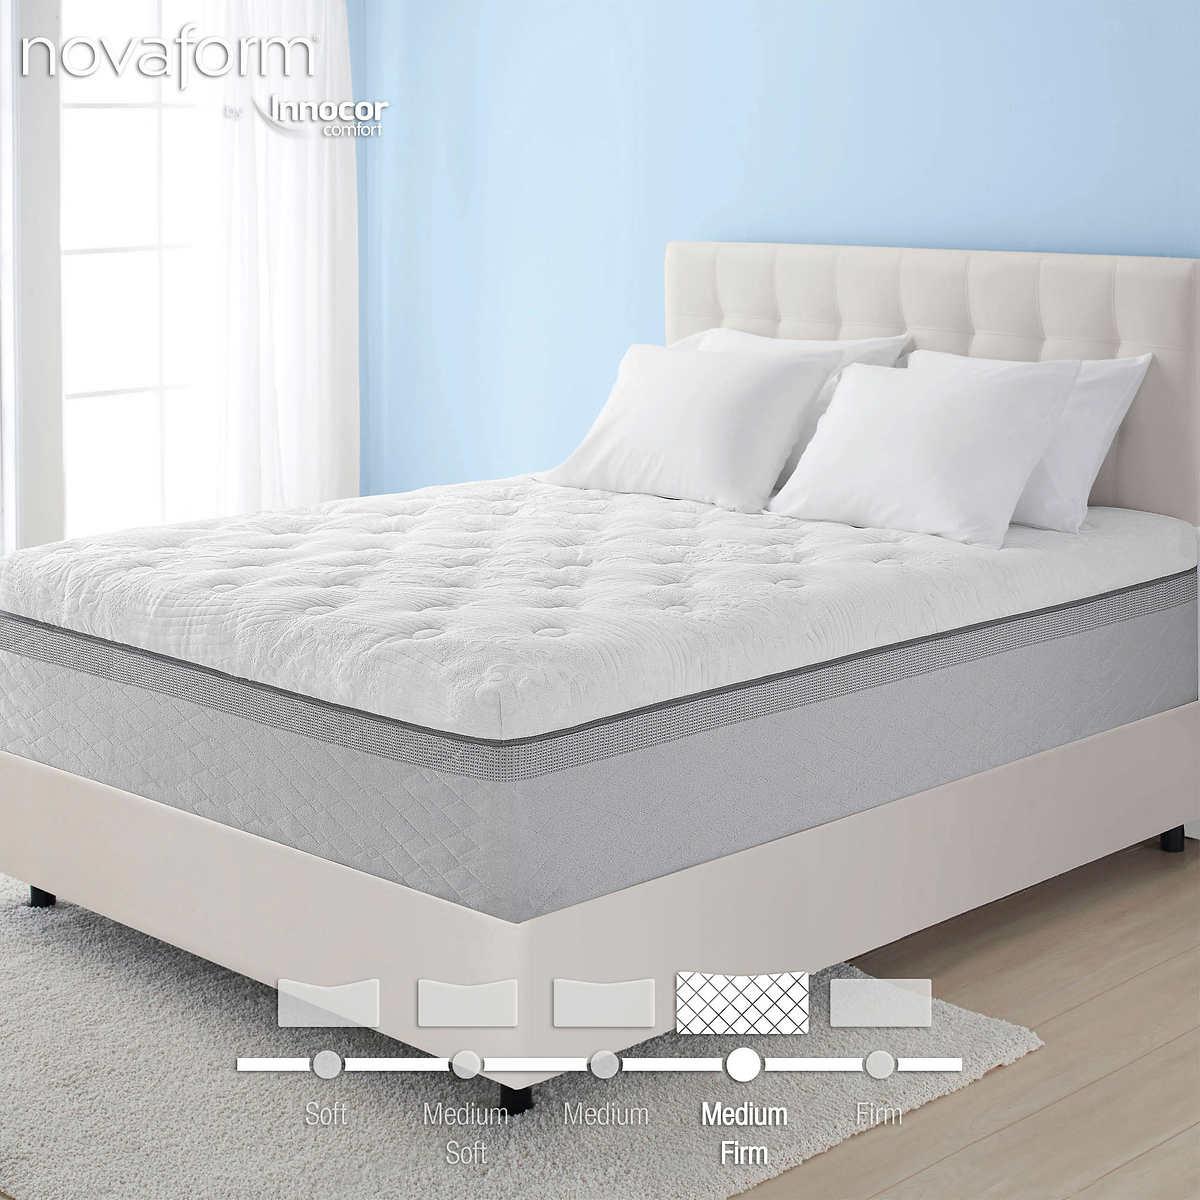 novaform comfort grande memory foam mattress   costco